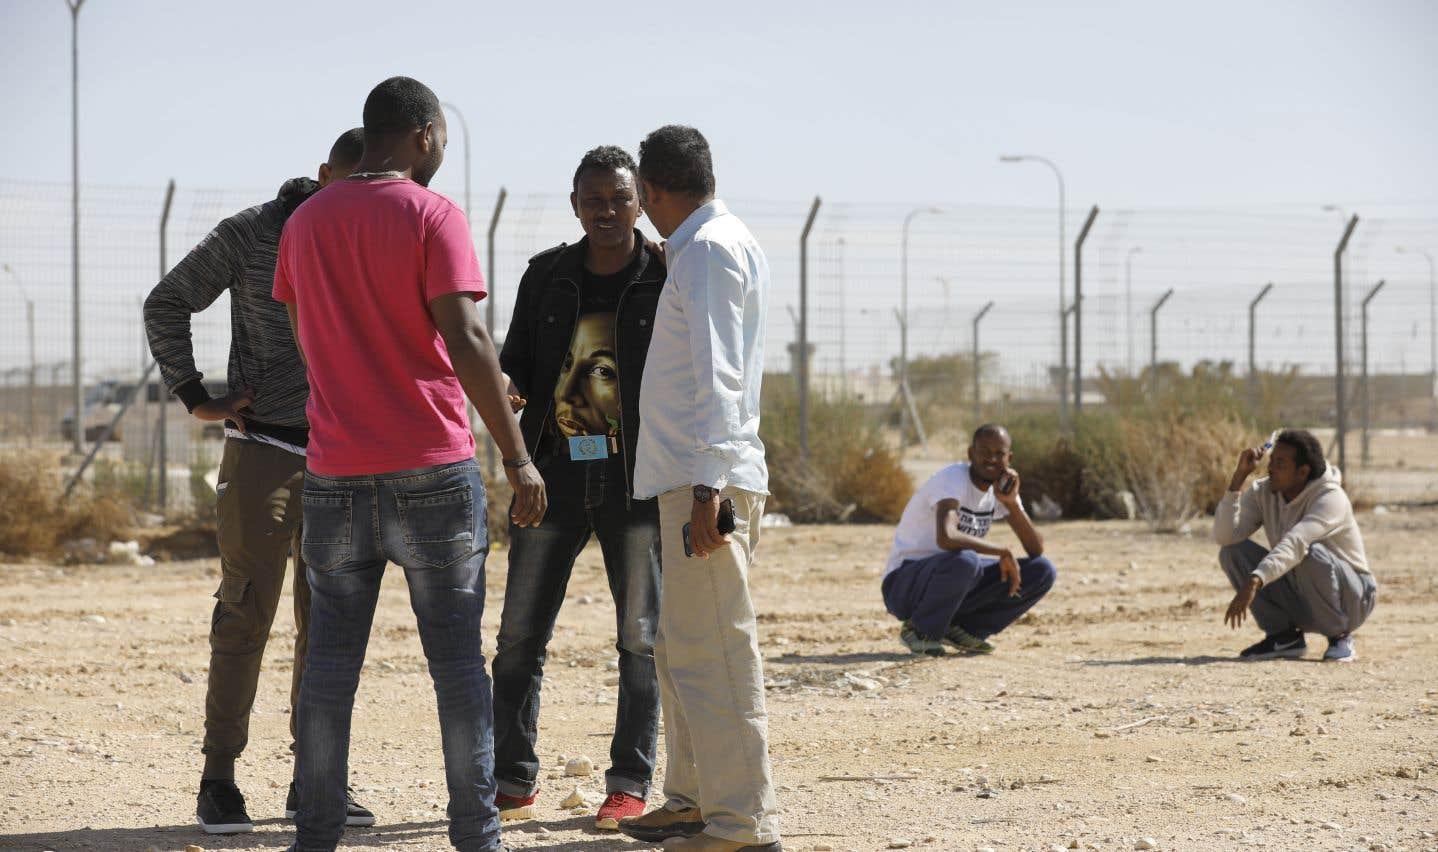 Des migrants africains détenus au centre Holot, dans le sud du désert de Néguev, en Israël, au début février